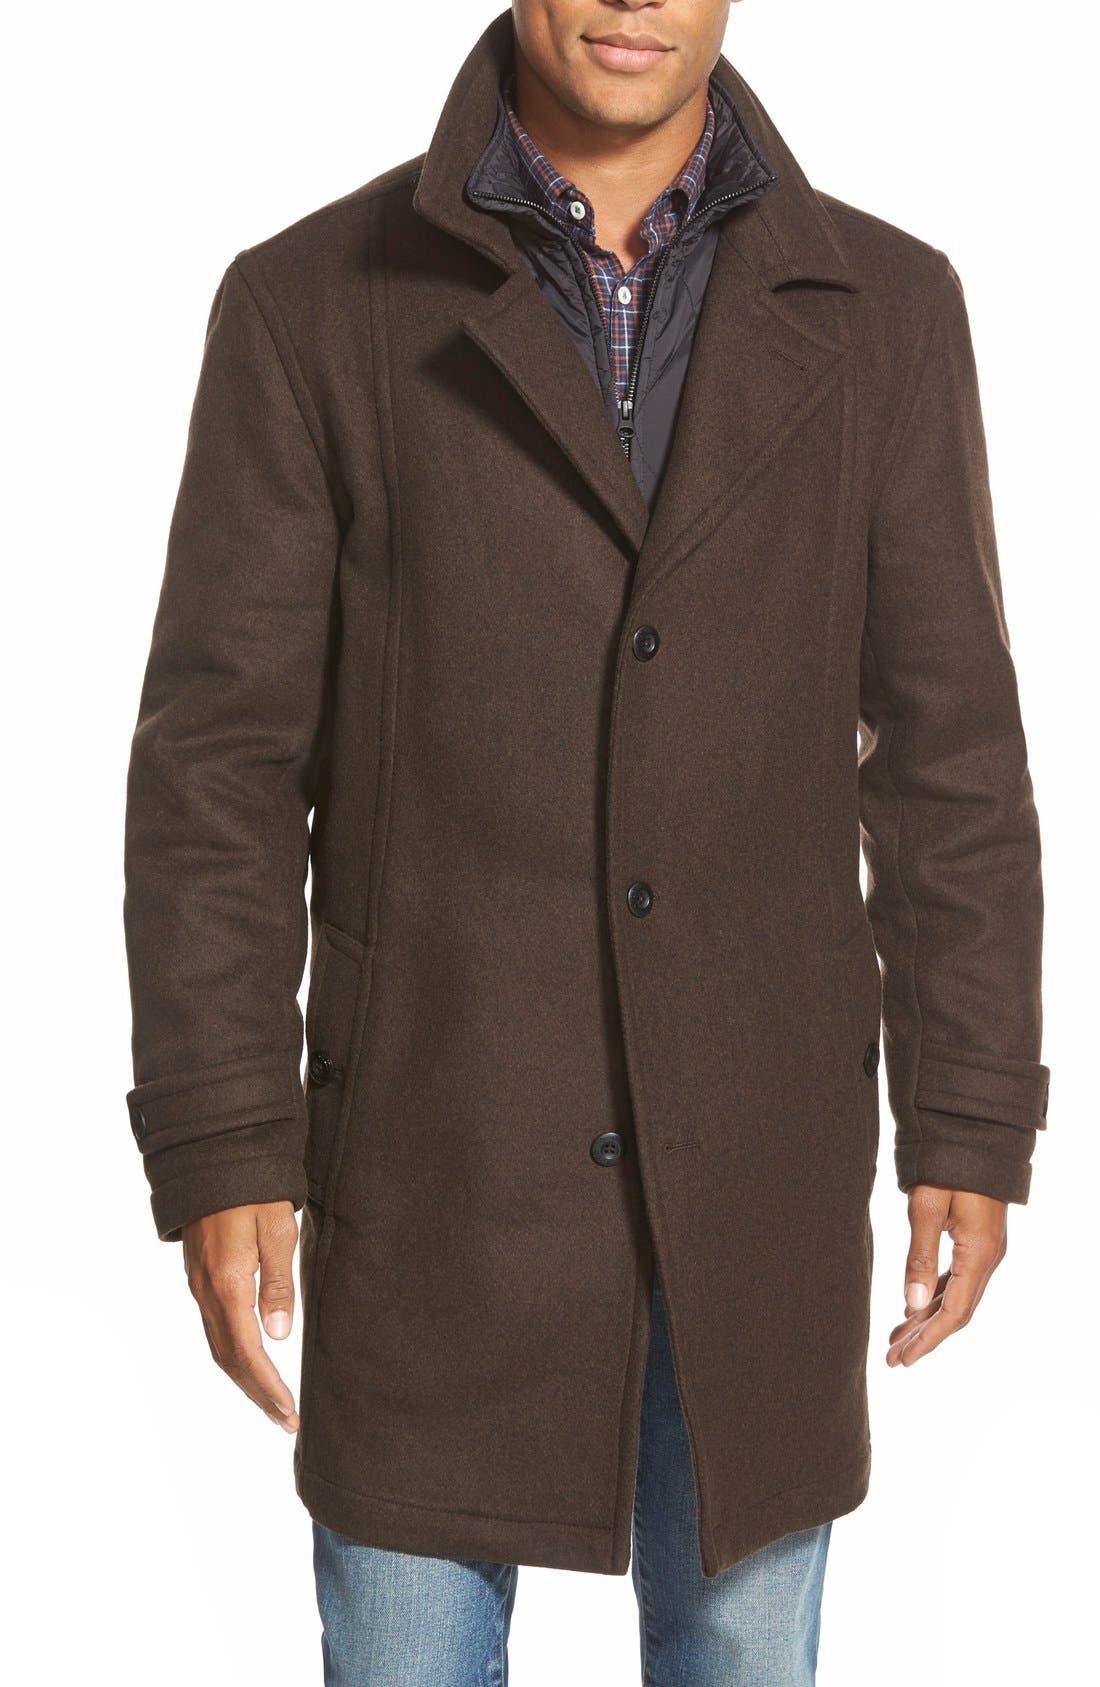 'Westown' 3-in-1 Wool Blend Coat,                         Main,                         color,